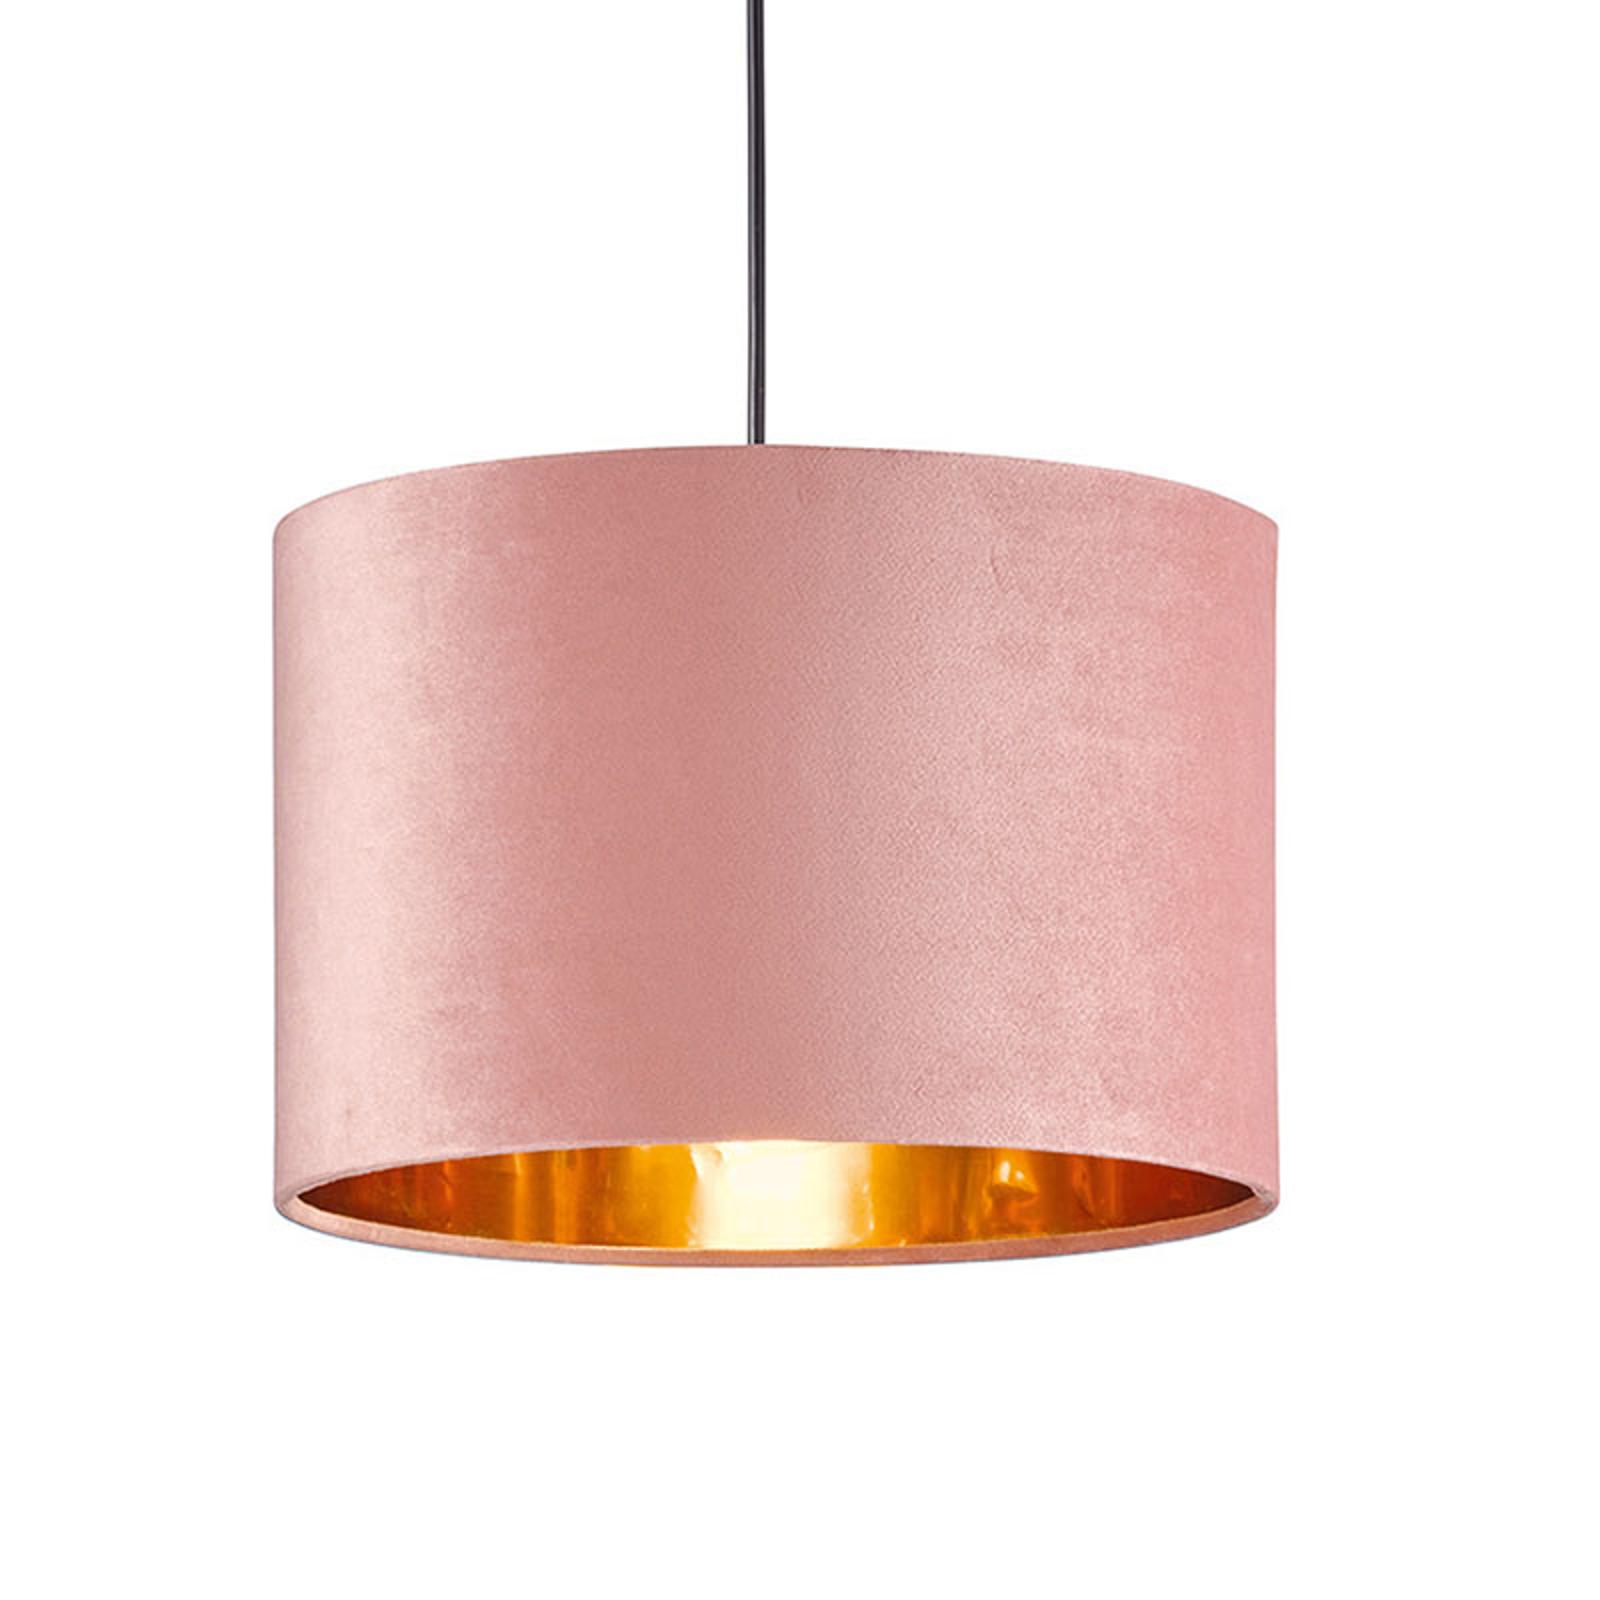 Hängeleuchte Aura mit Samtschirm, Ø 30 cm, rosa